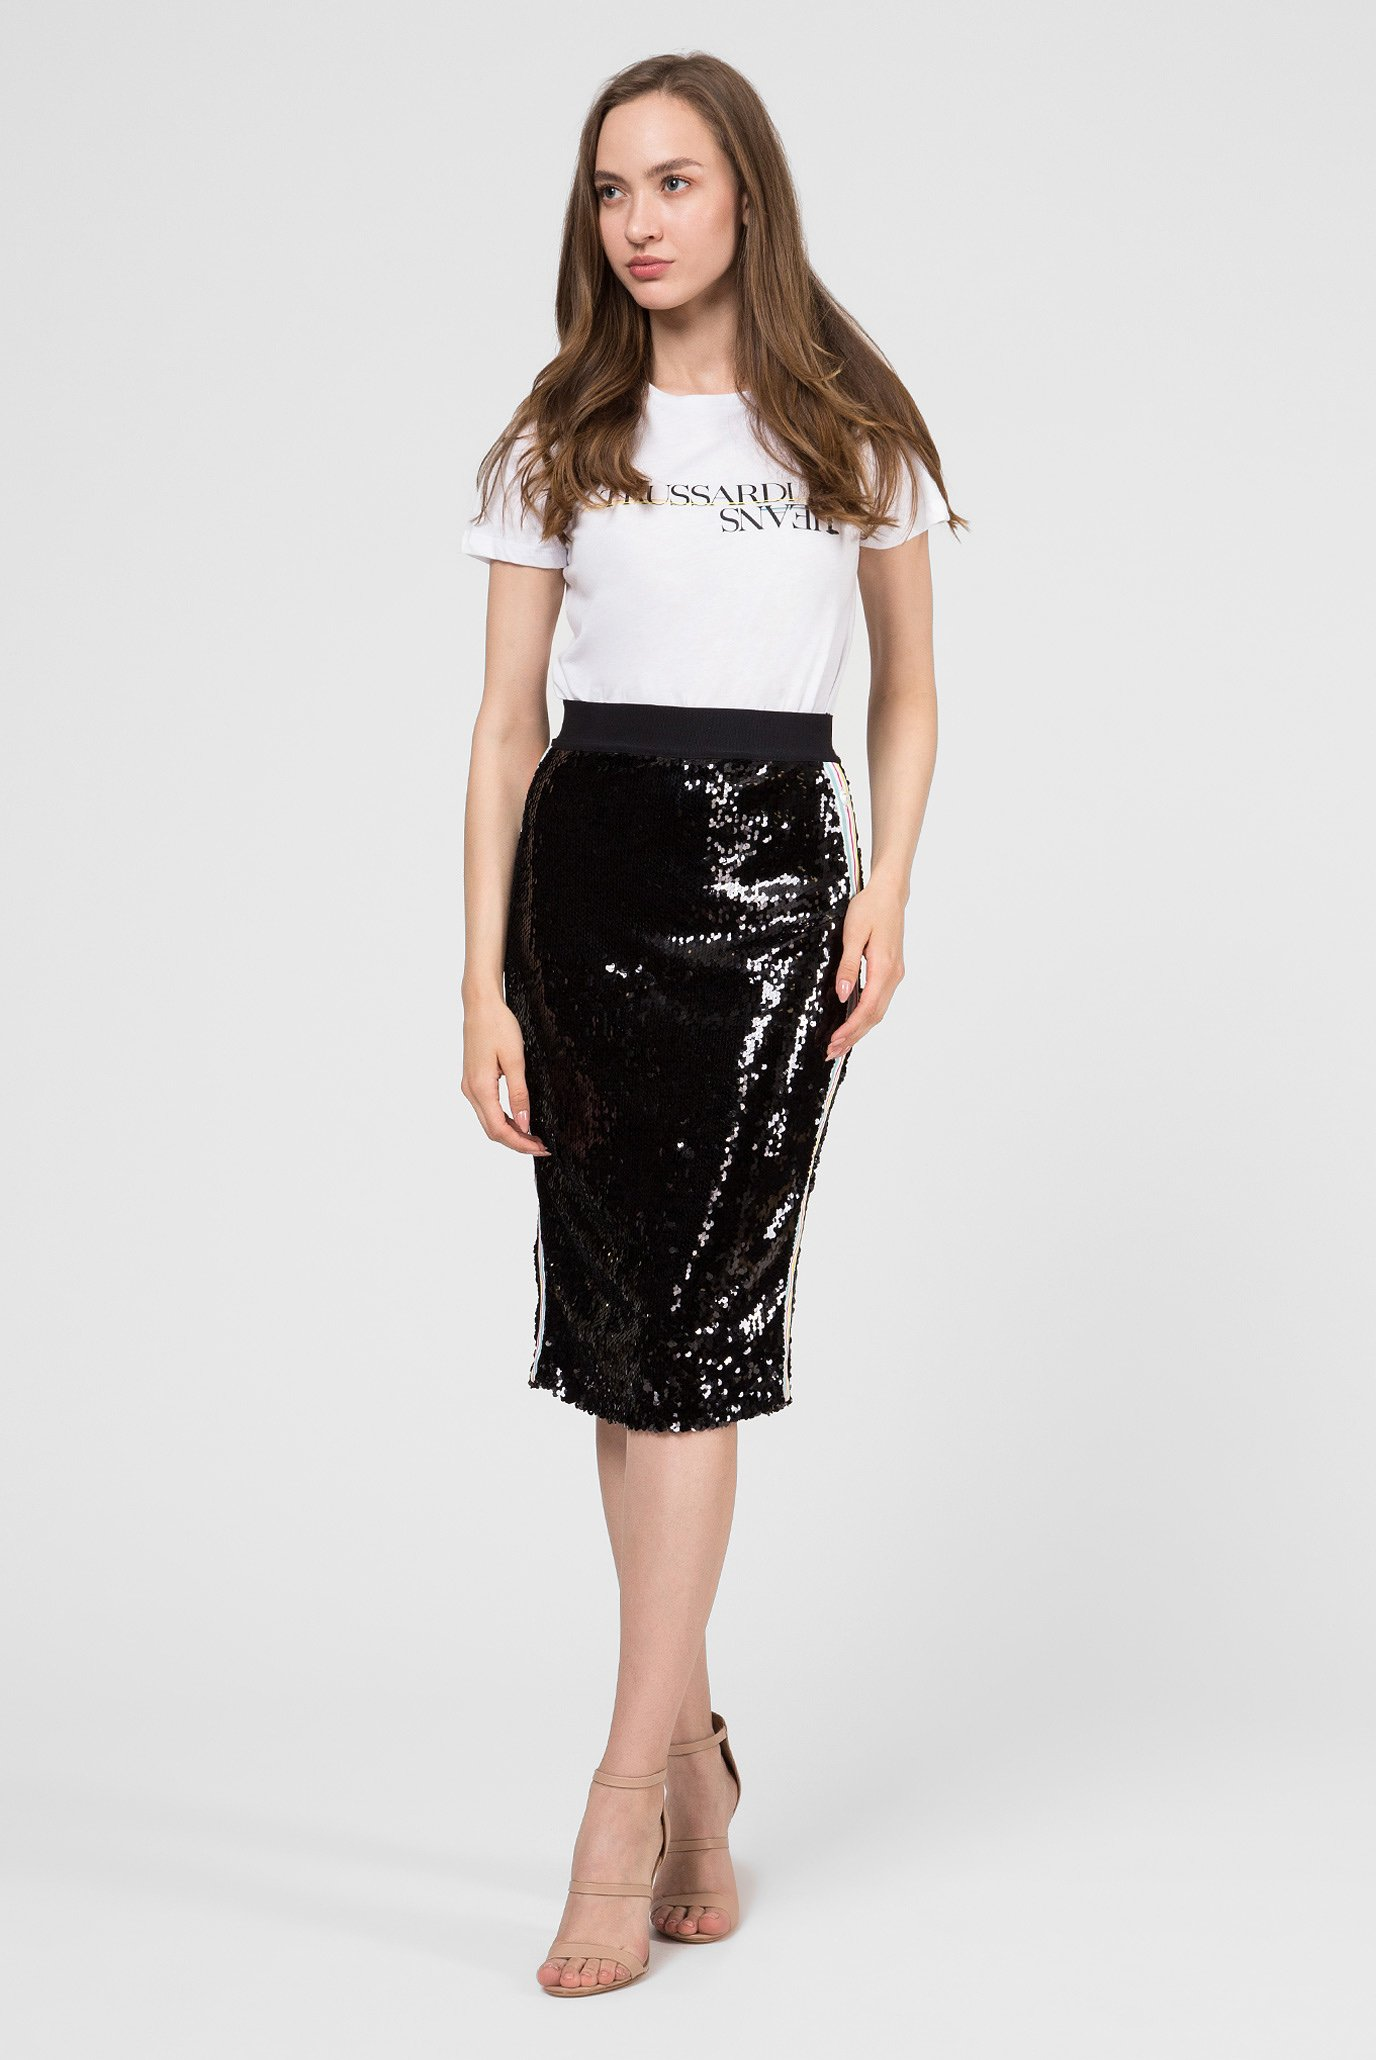 Купить Женская черная юбка Trussardi Jeans Trussardi Jeans 56G00075-1T002308 – Киев, Украина. Цены в интернет магазине MD Fashion